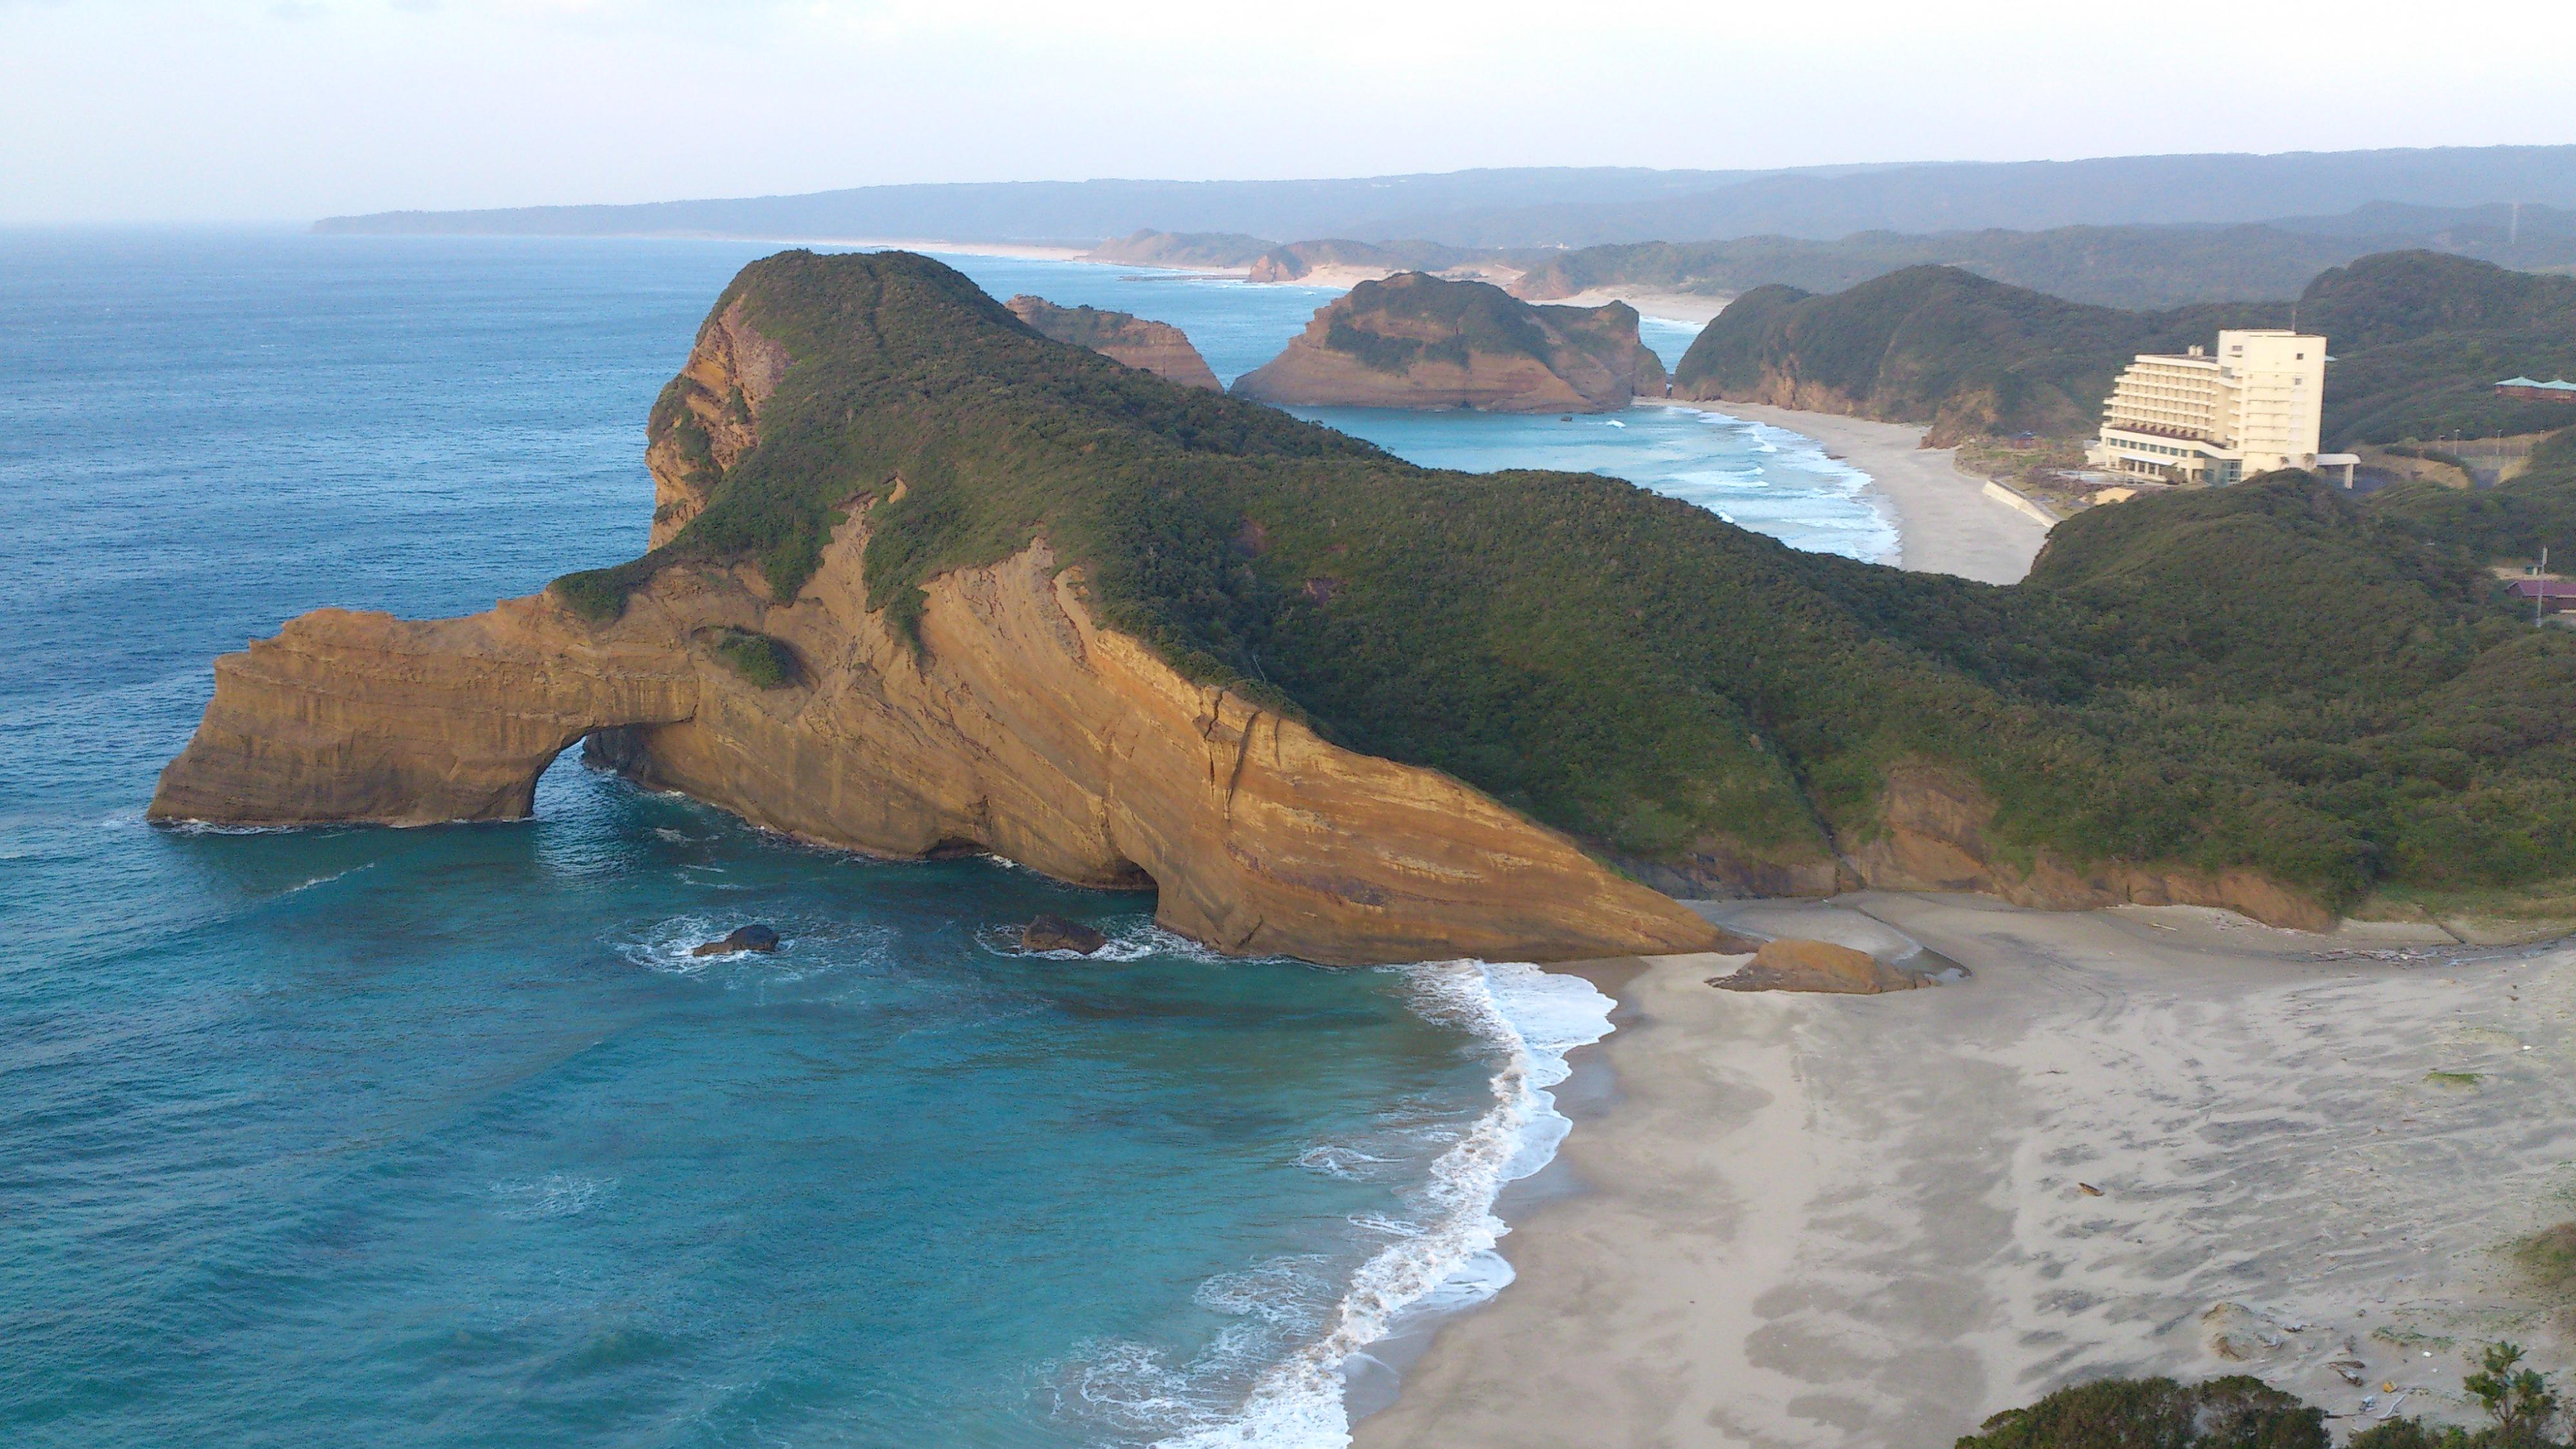 イメージ:2012年12月。僕は種子島を一人で旅した